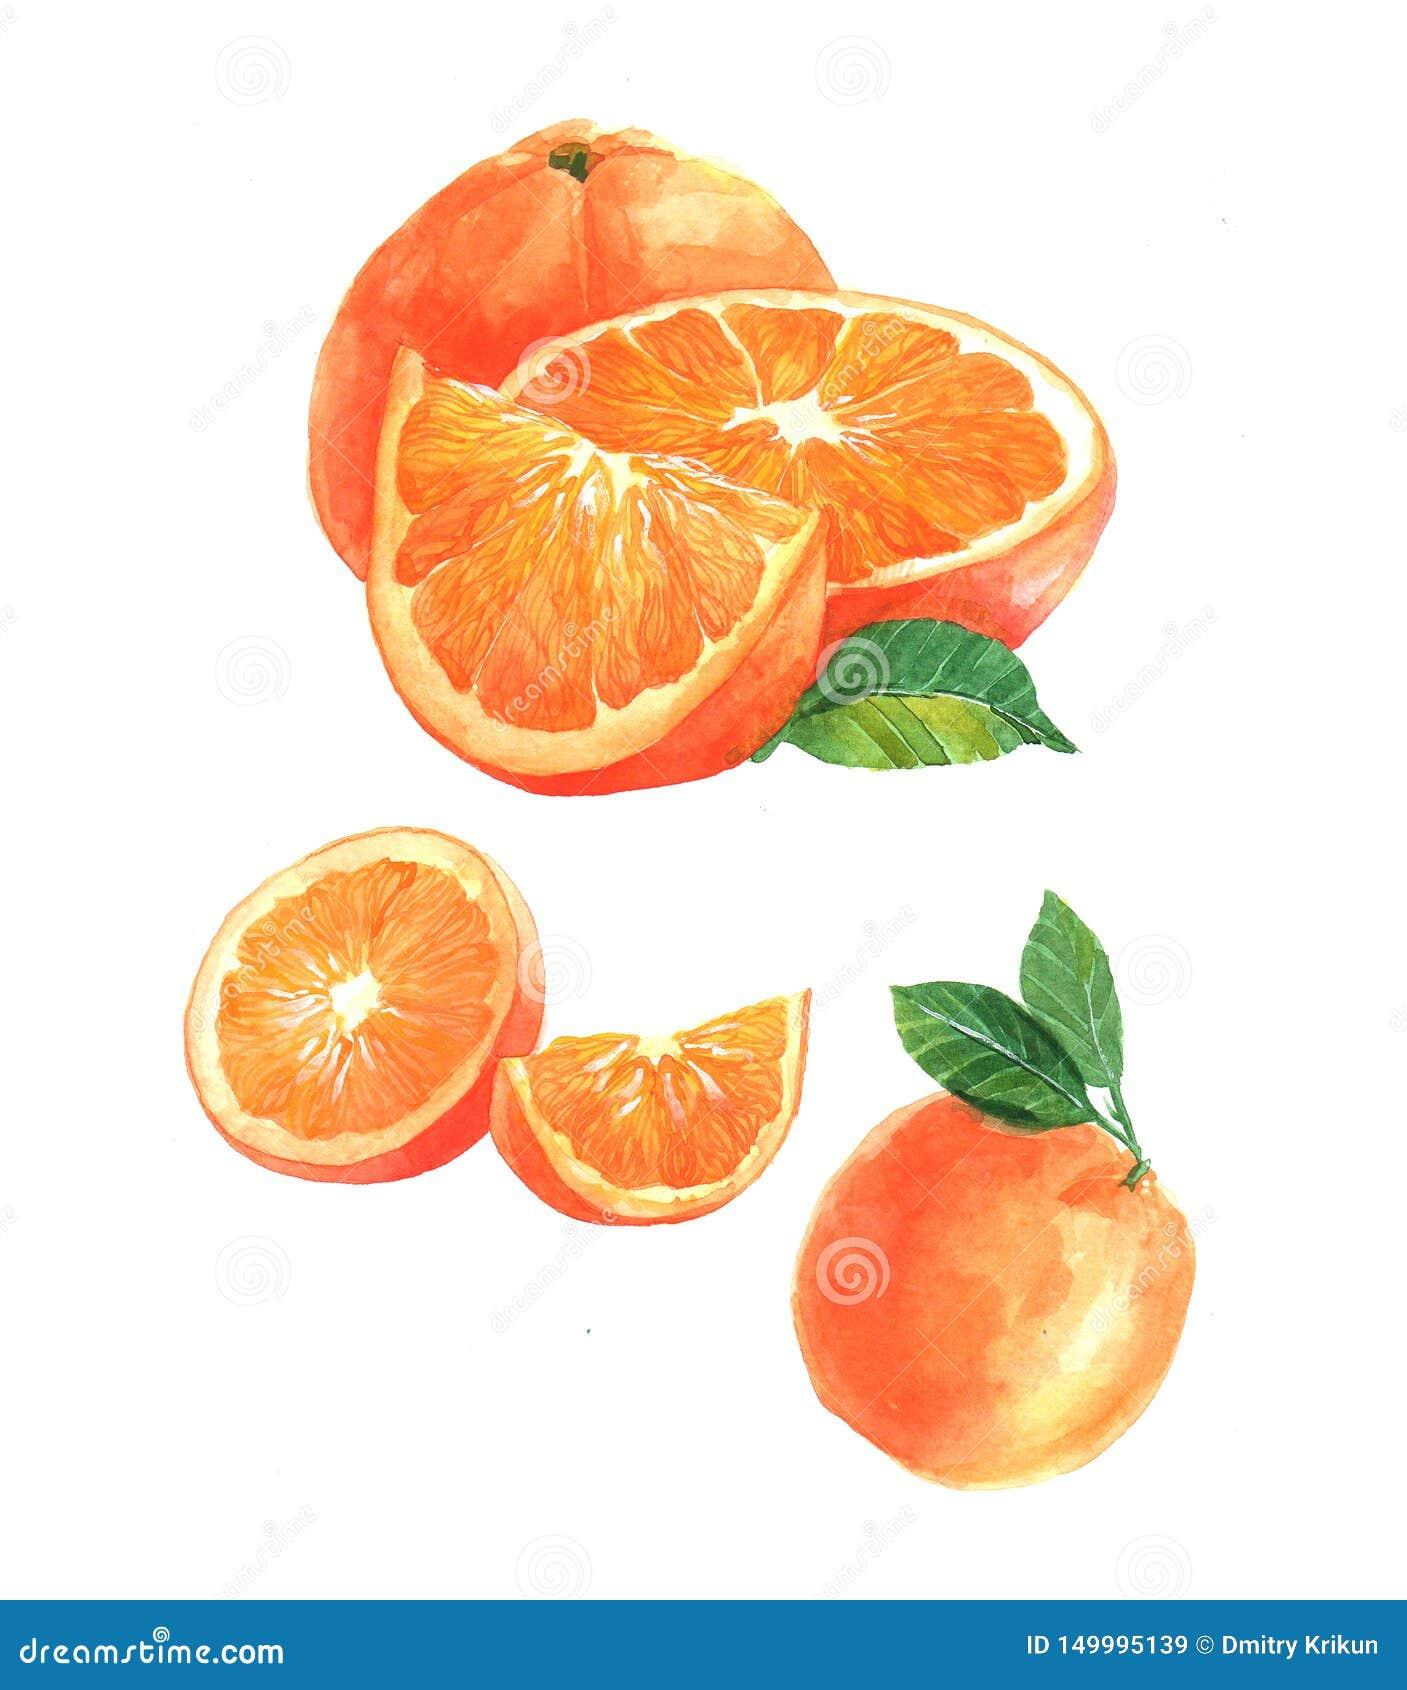 Акварель оранжевая и отрезанный оранжевый изолированный плод